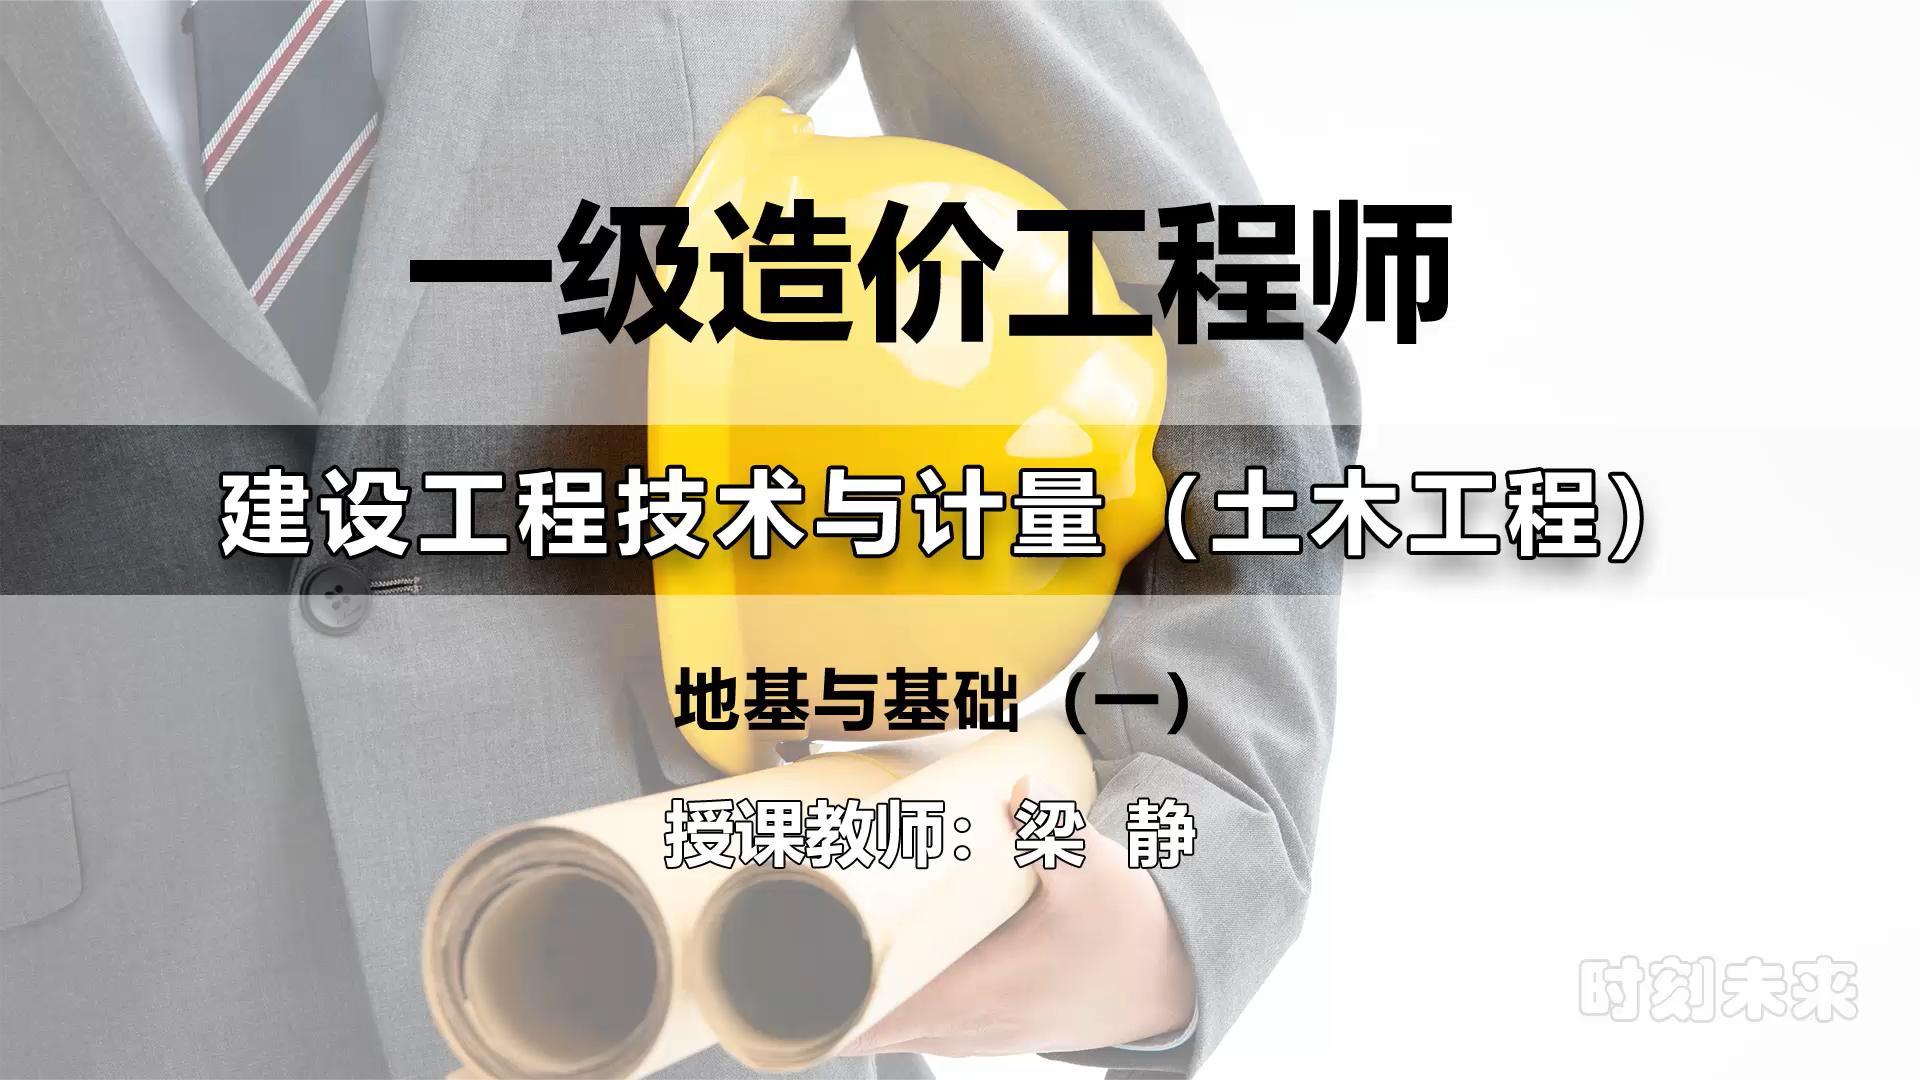 梁静-一级造价工程师-建设工程技术与计量(土木建筑工程)